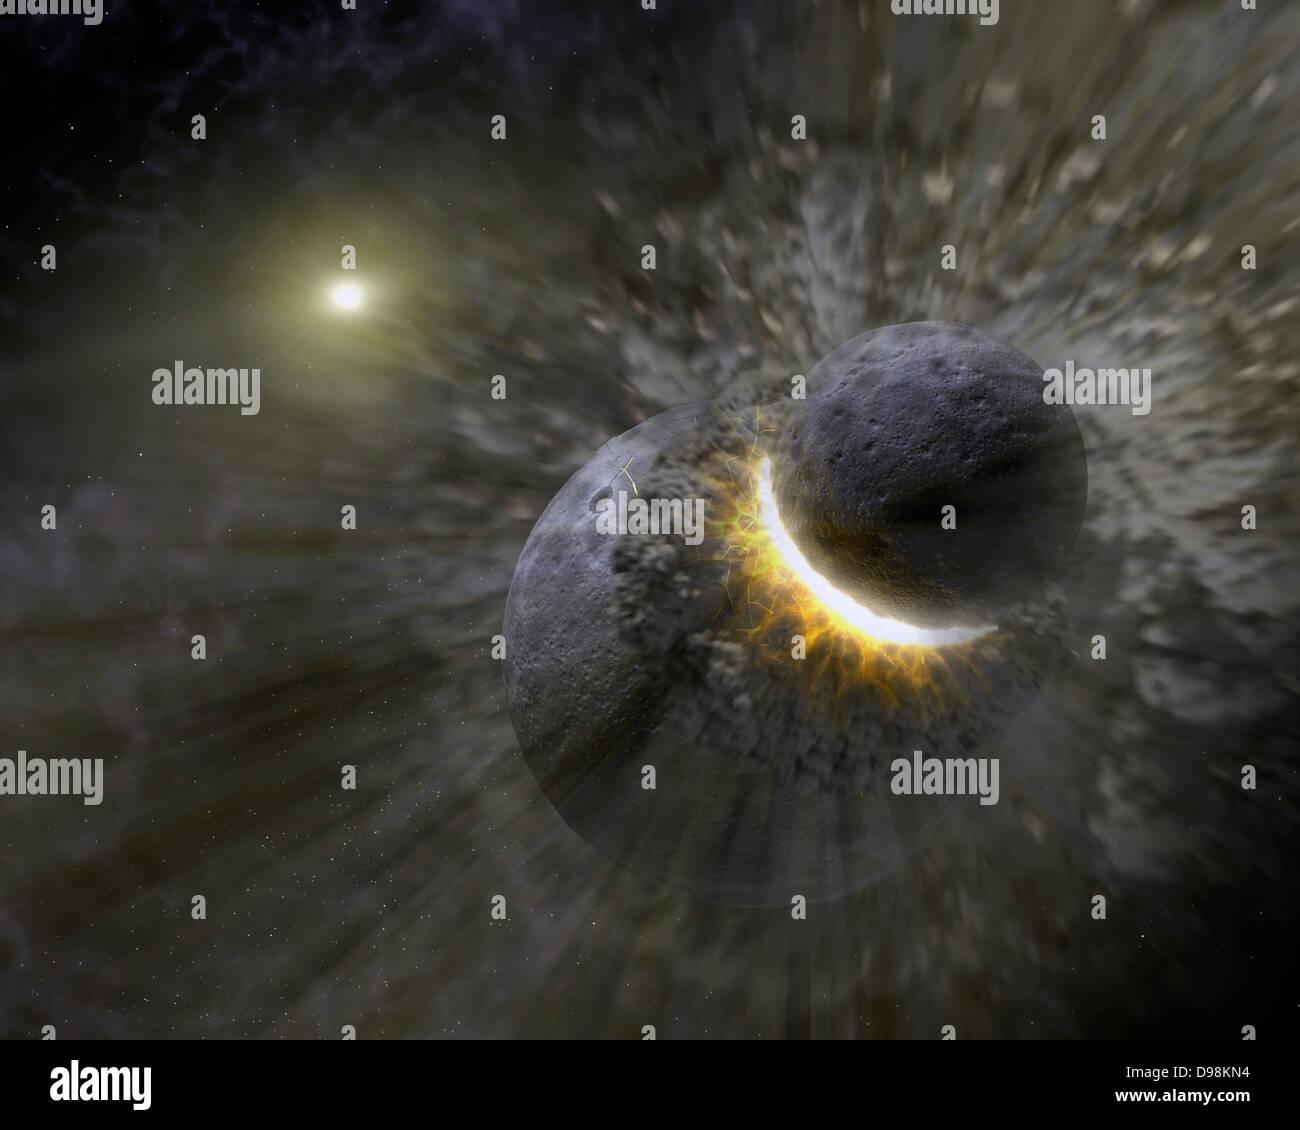 Künstler-Konzept zeigt eine massive Kollision von Objekten vielleicht so groß wie der Planet Pluto zusammen Stockbild